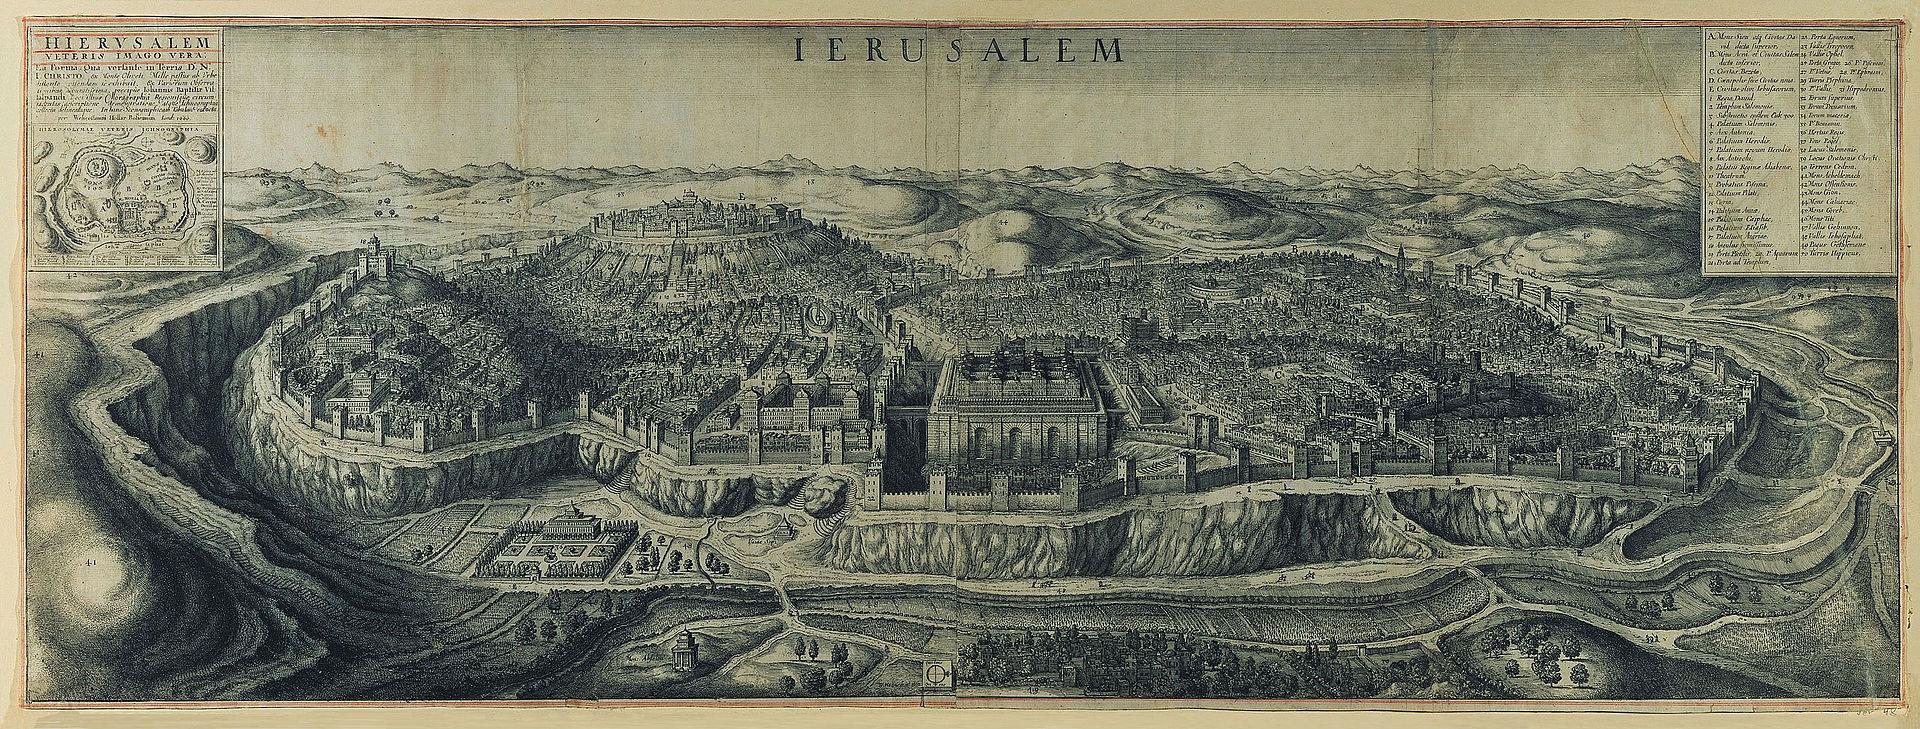 Jerusalem_-_Ex_variorum_Observationibus_accuratissima_-_precipue_Iohannis_Baptiste_Villalpandi…In_hanc_scenographicam_tabulam_redacta_per_Wenceslaum_Hollar_Bohemium1660